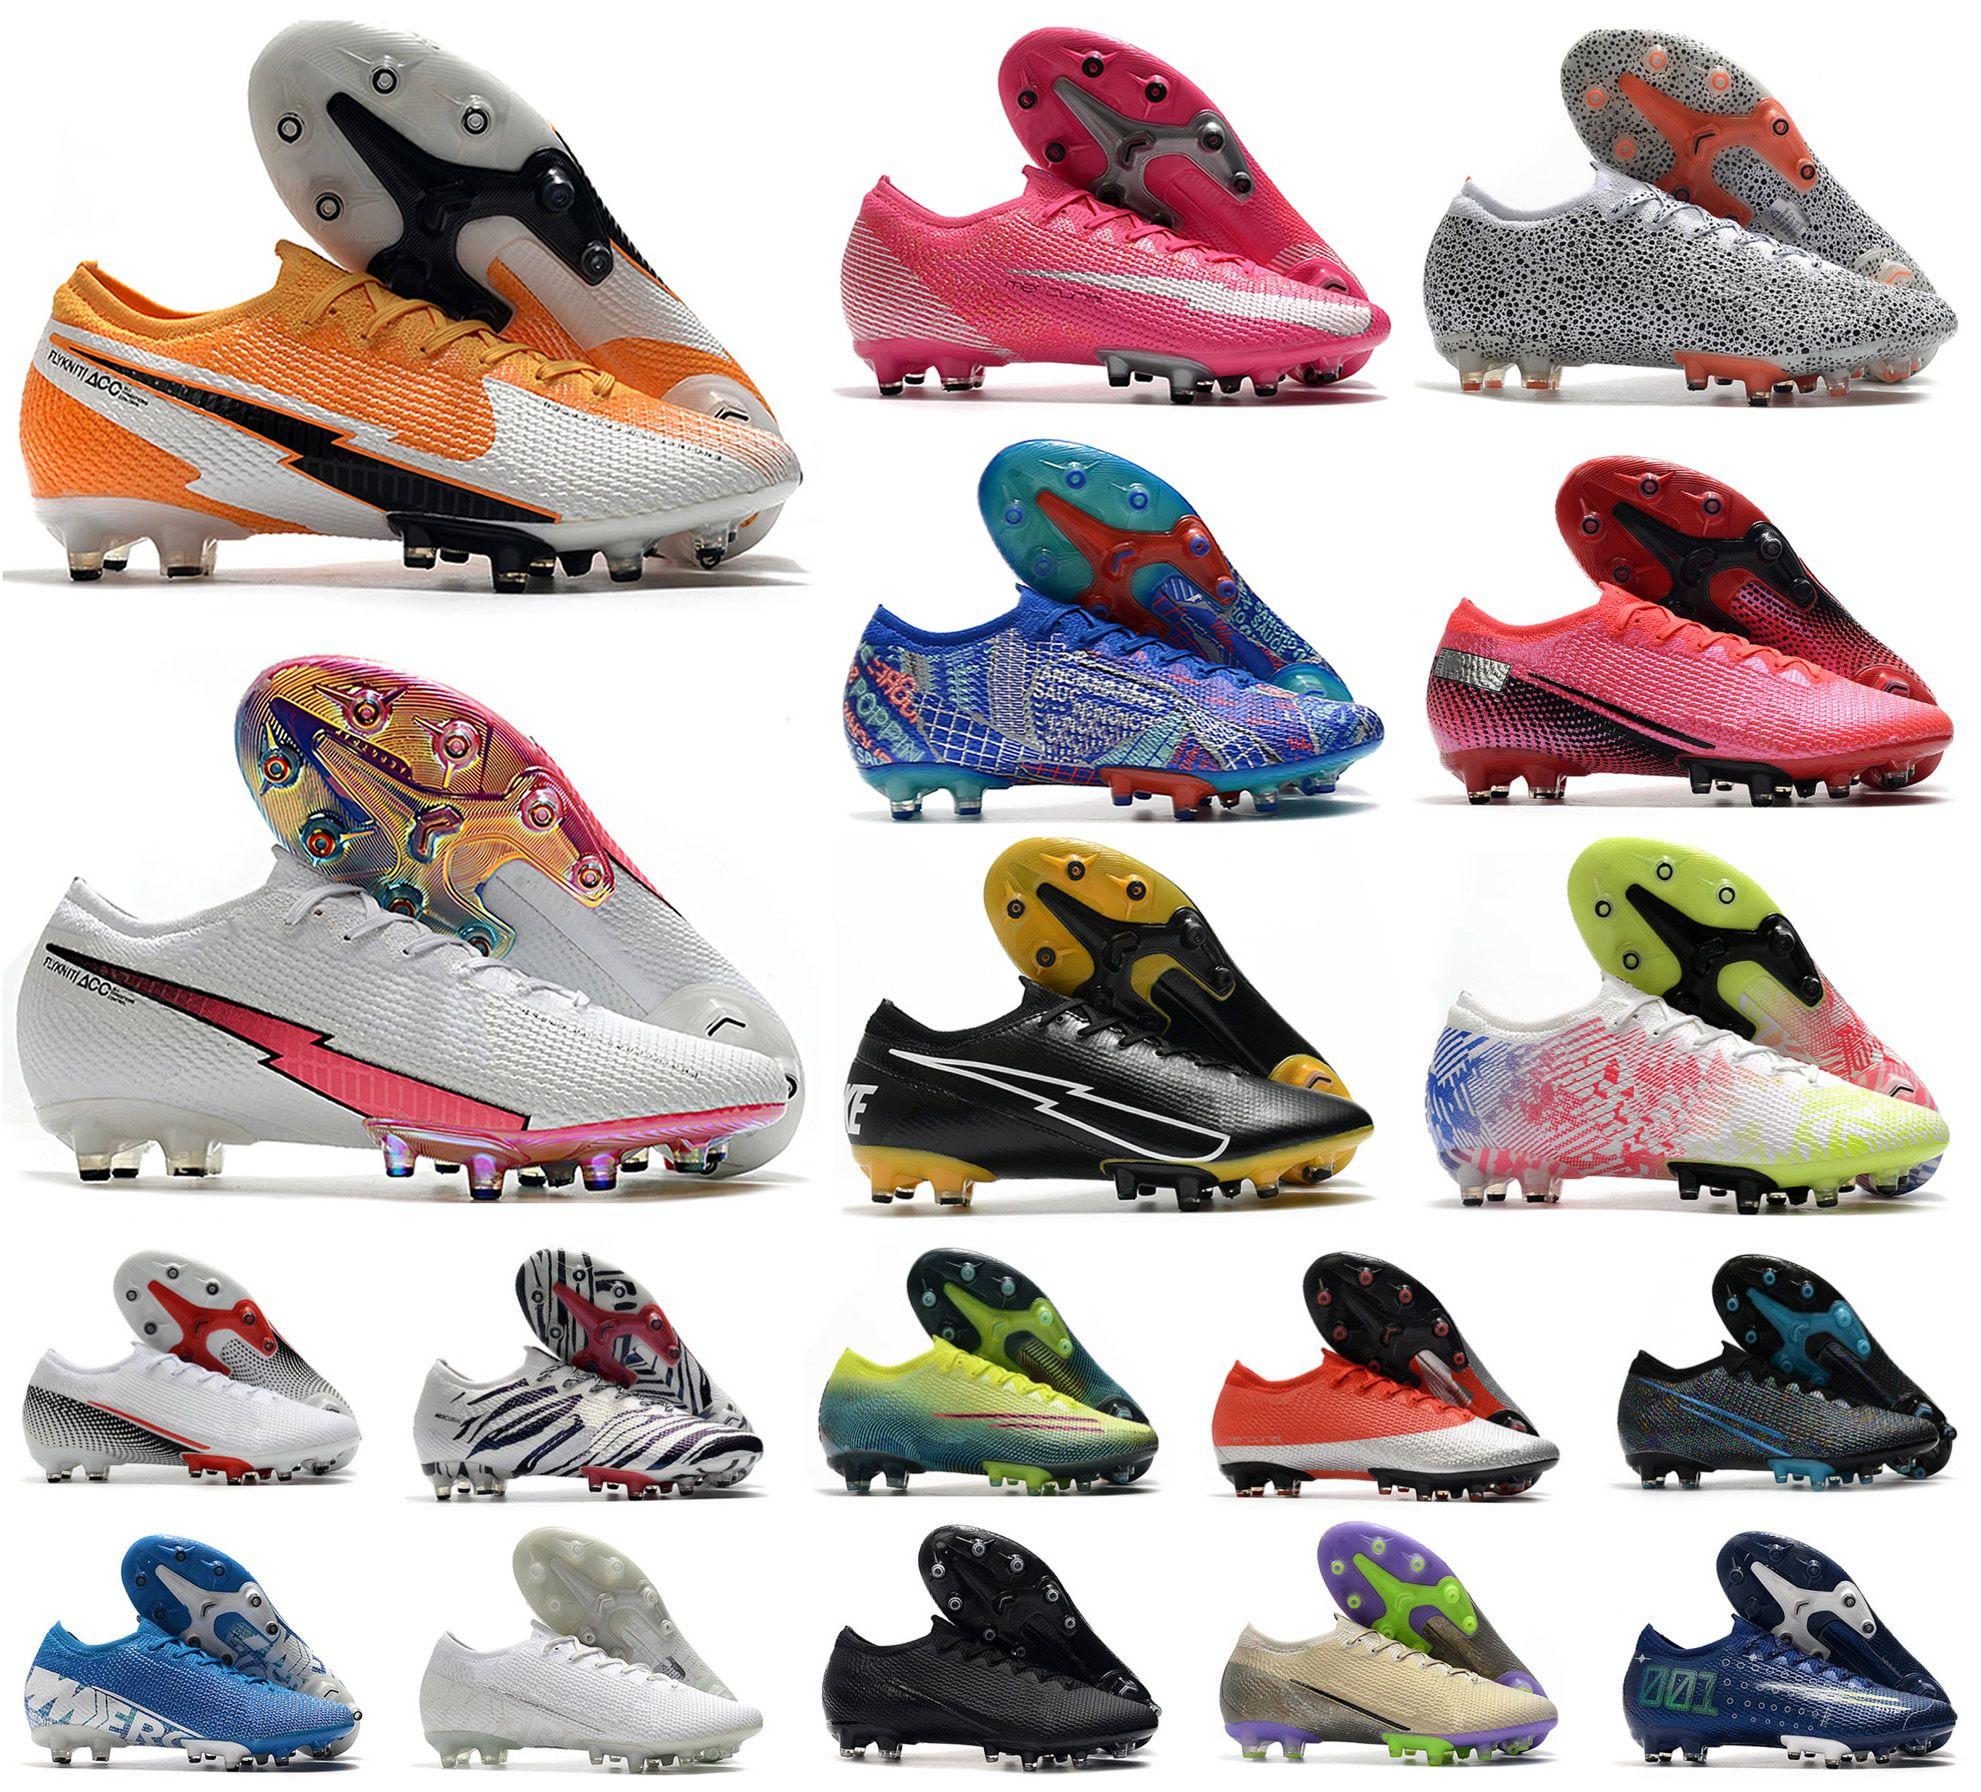 2020 мужчин VA Por XIII Elite AG Low 13 Safari Южная Корея CR7 Roalthdo Neymar 360 Женщин Мальчик Футбол Футбольные Сапоги Обувь Размер 39-45